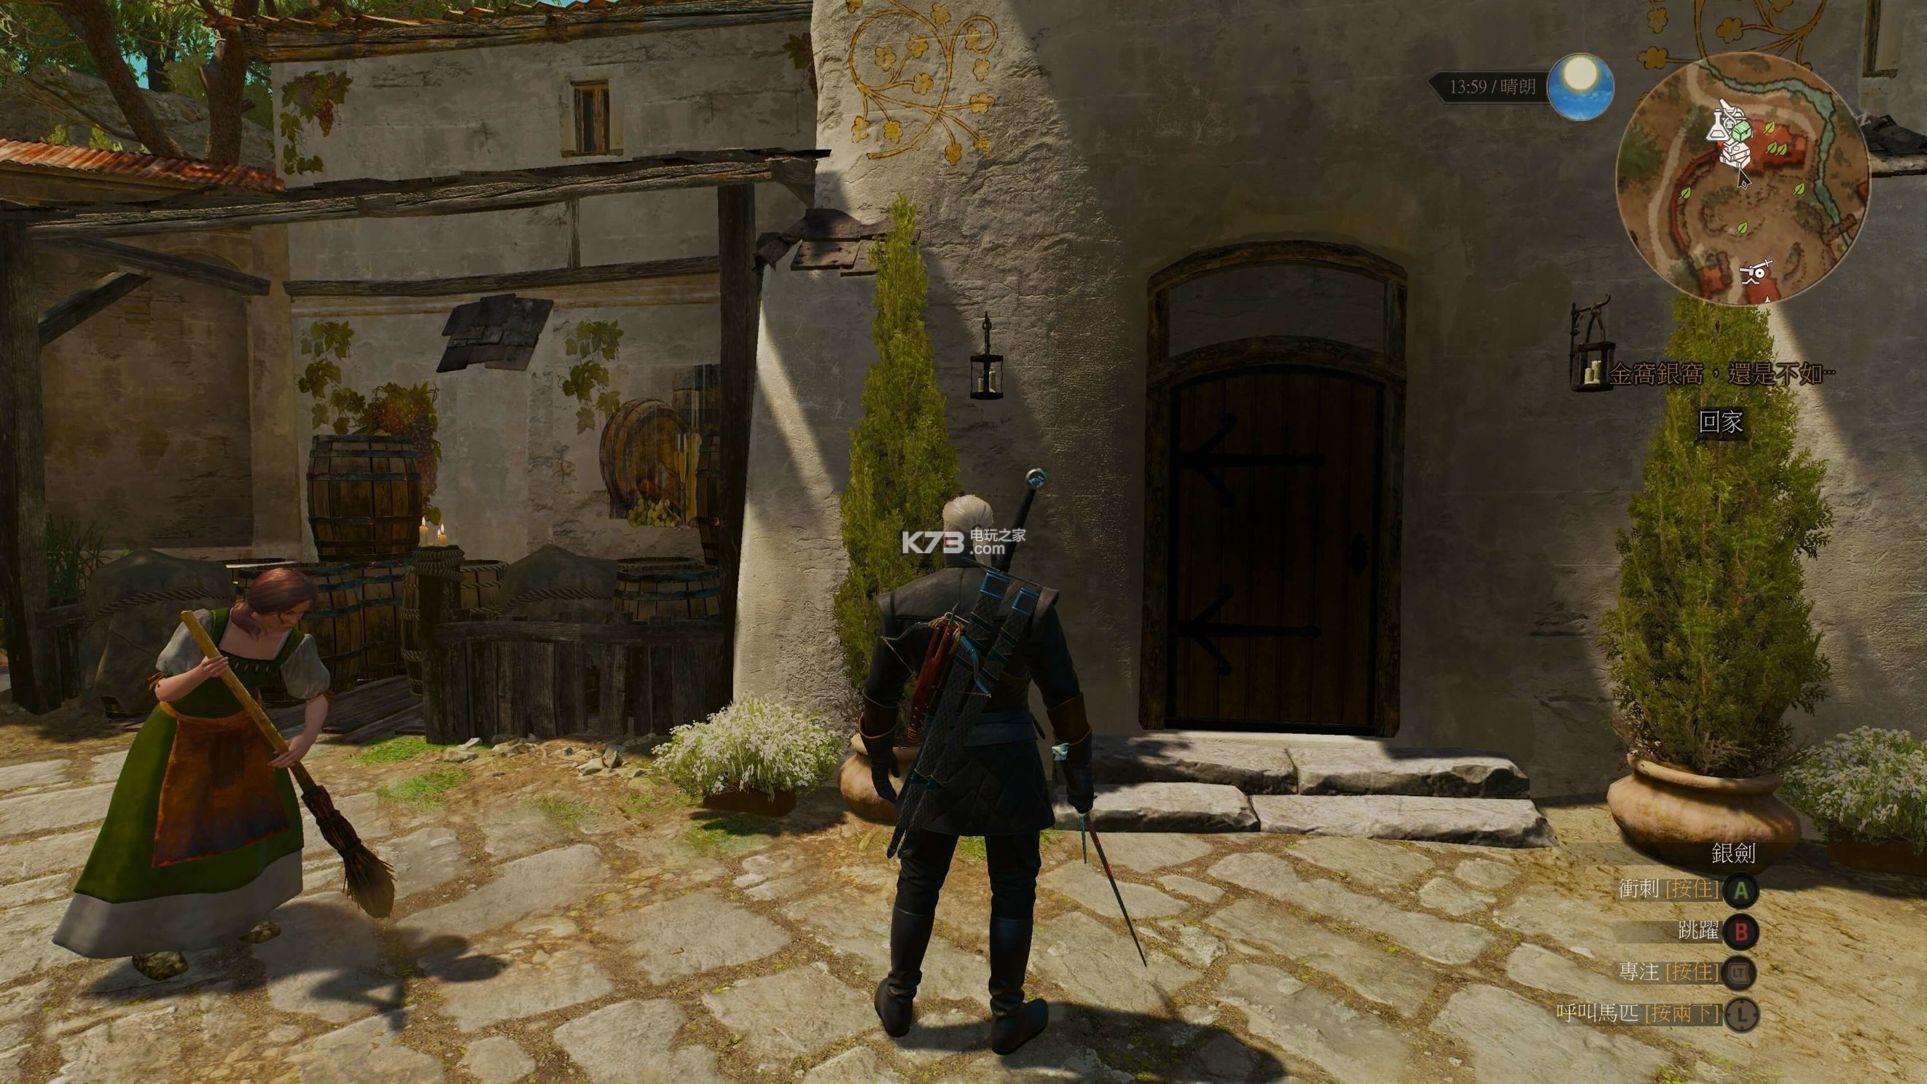 巫师3血与酒金窝银窝正确任务顺序